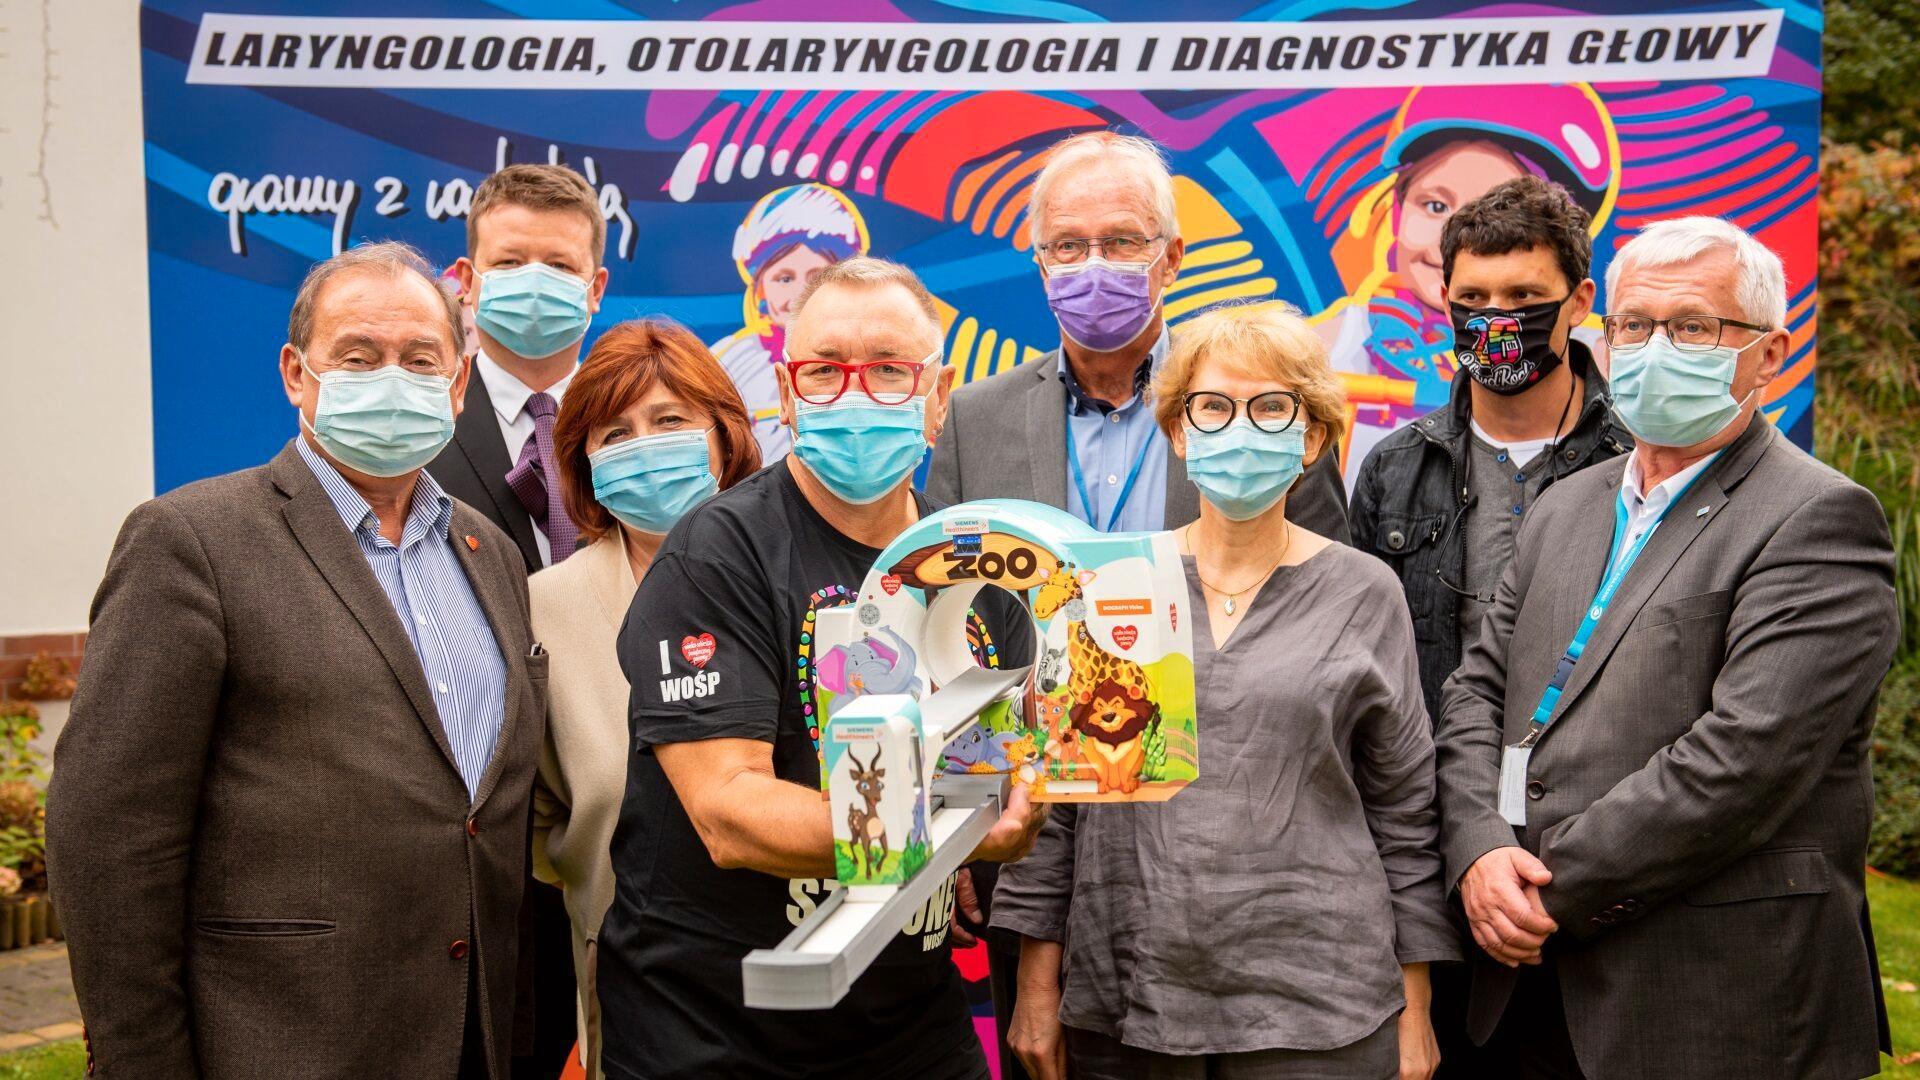 WOŚP wybiera PET/CT Biograph Vision 600 dla Centrum Zdrowia Dziecka